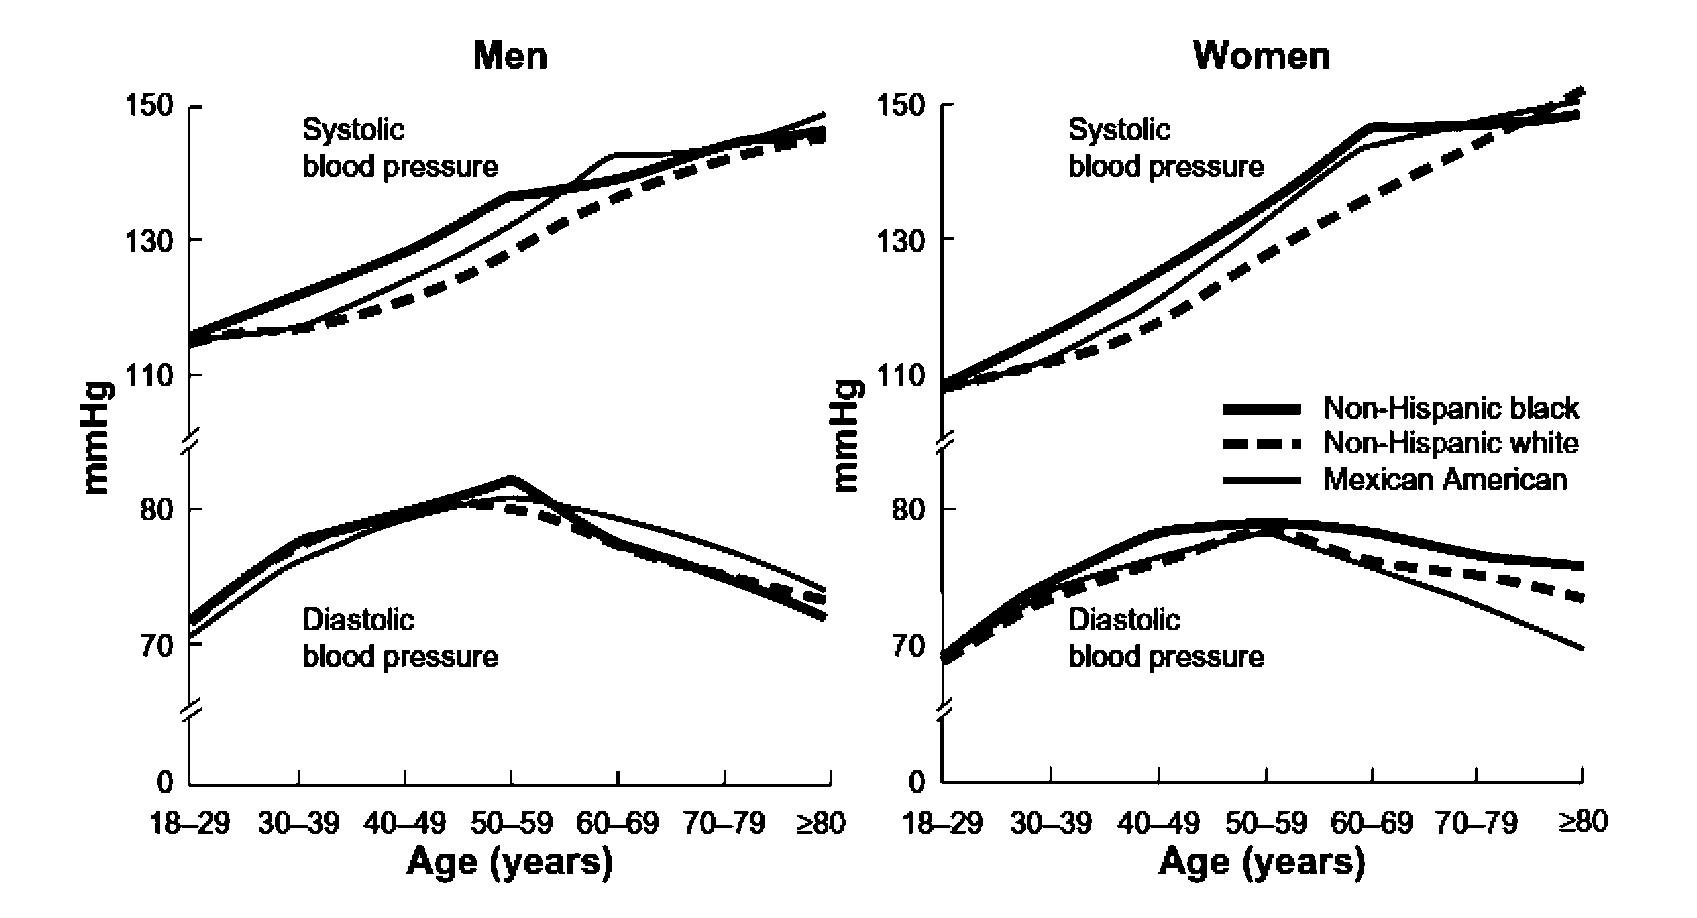 Střední hodnoty systolického a diastolického krevního tlaku v závislosti na věku, pohlaví a etniku podle americké studie NHANES III<sup>(2)</sup>